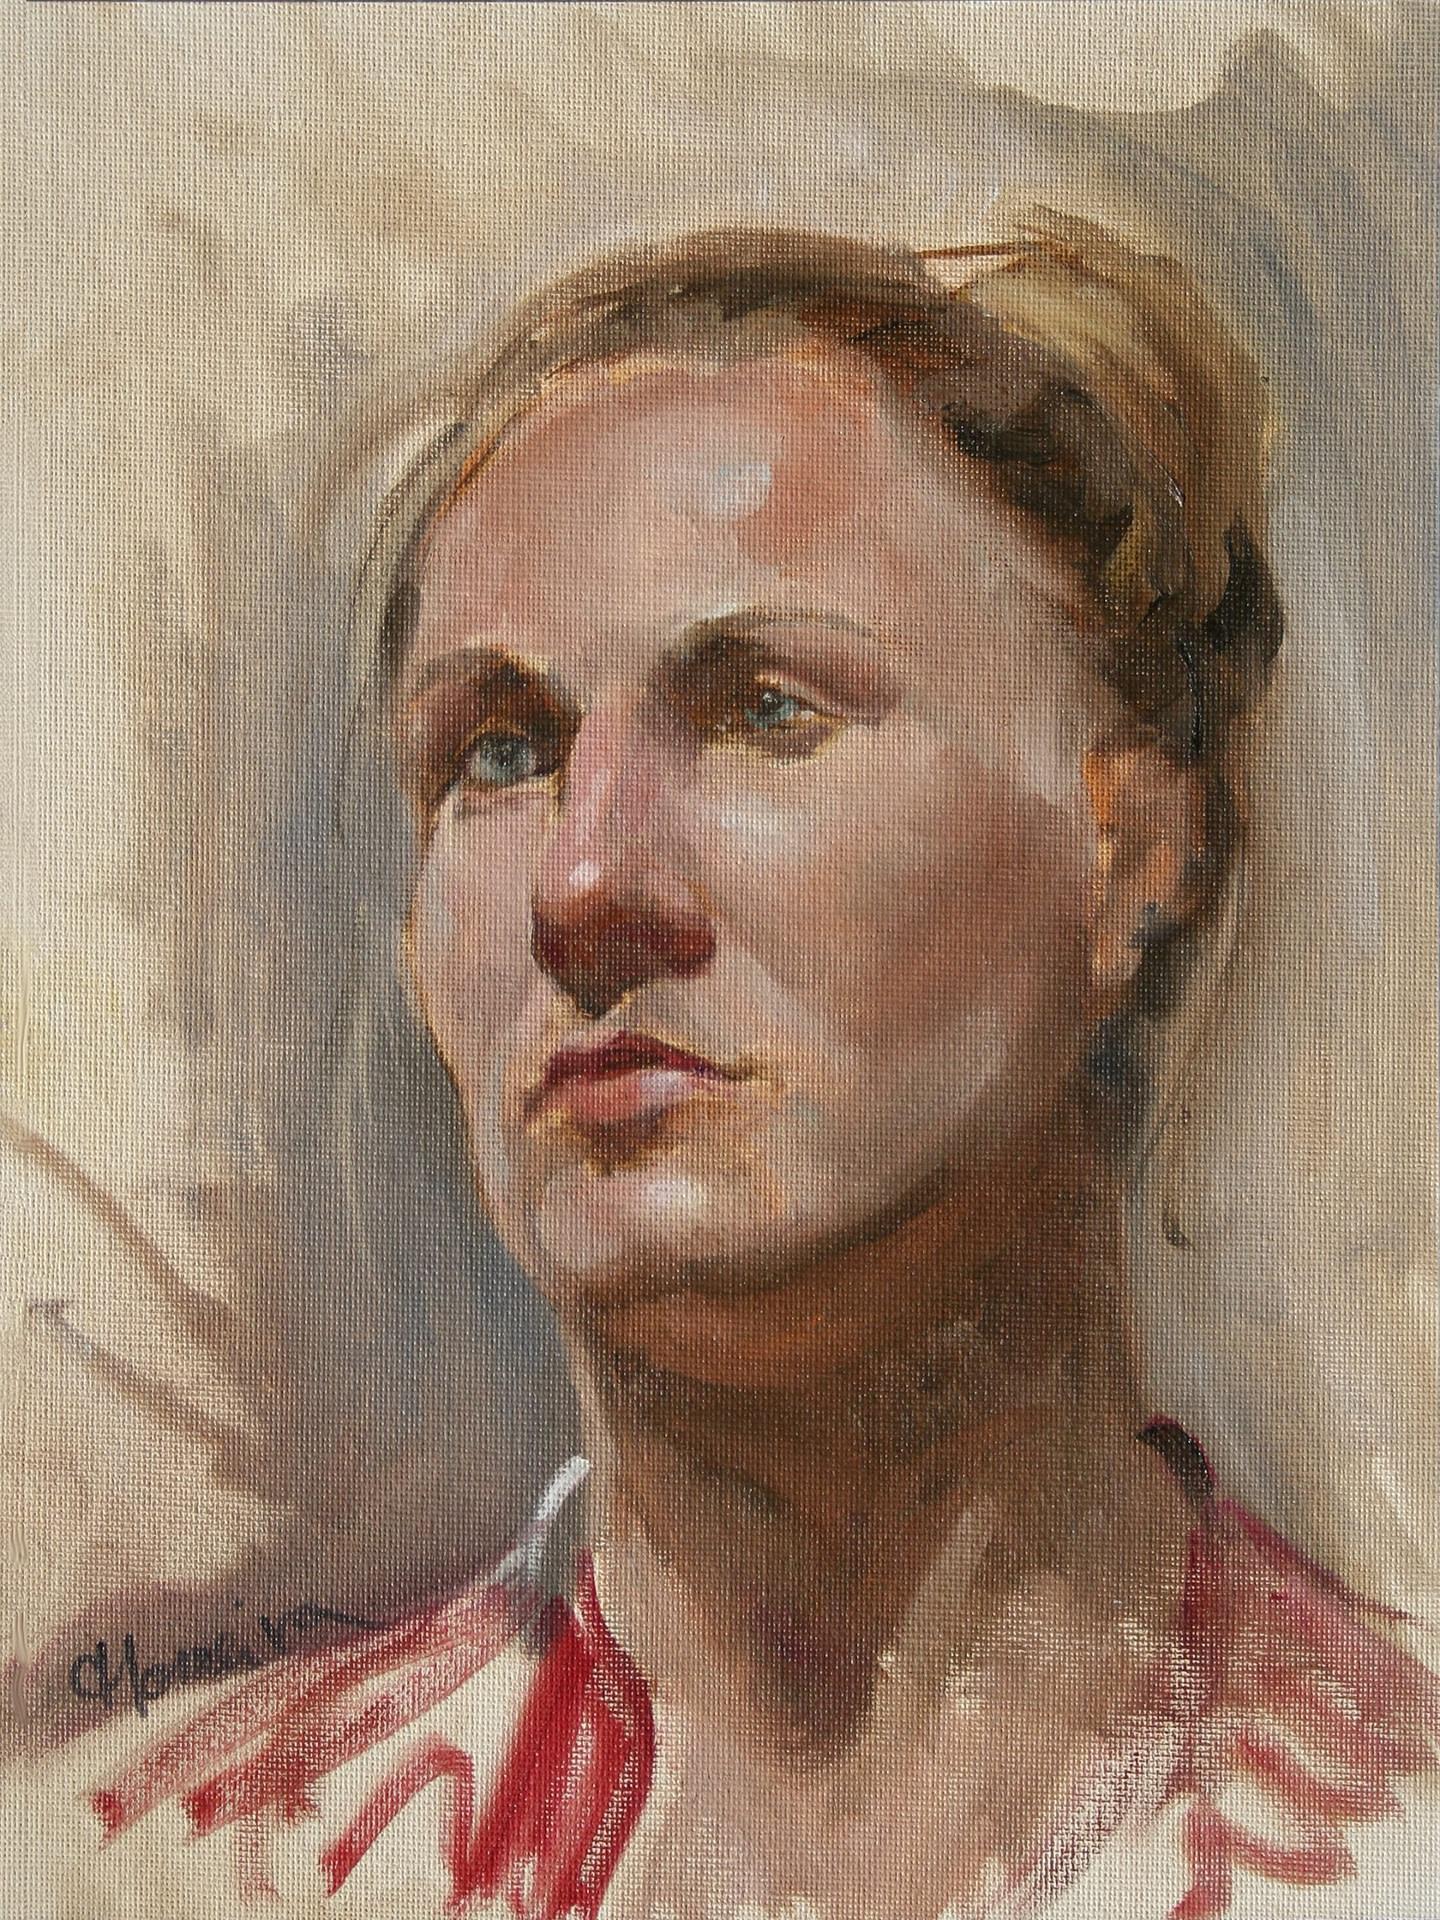 Portrait of Faith